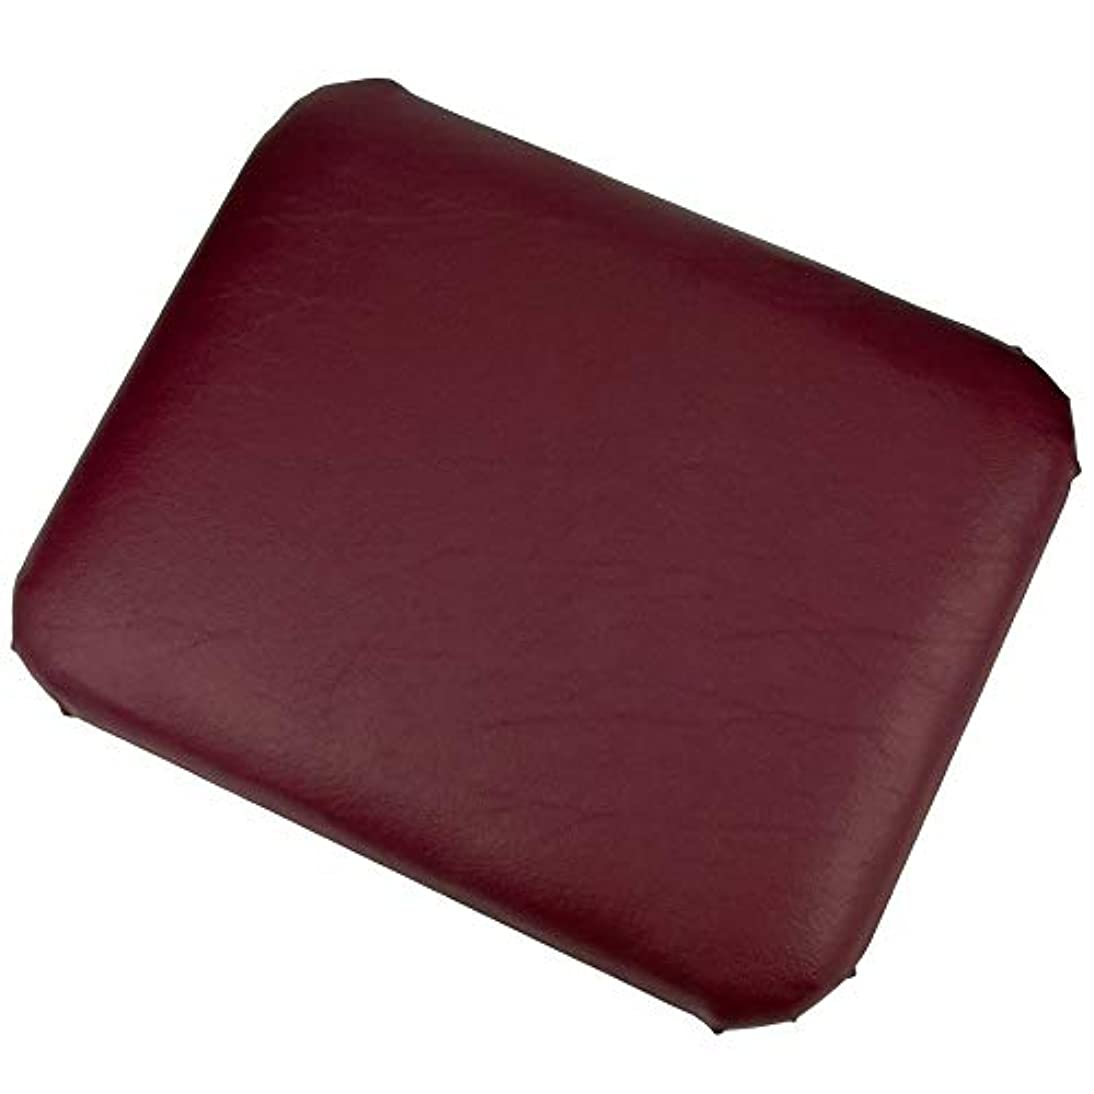 灌漑定義スタックLLOYD (ロイド) テーブルボード 骨盤 マッサージ 柔らかすぎる テーブル や ベッド を安定させ 脊椎 の 前方変位 の 矯正 などにも最適 【ルビー】